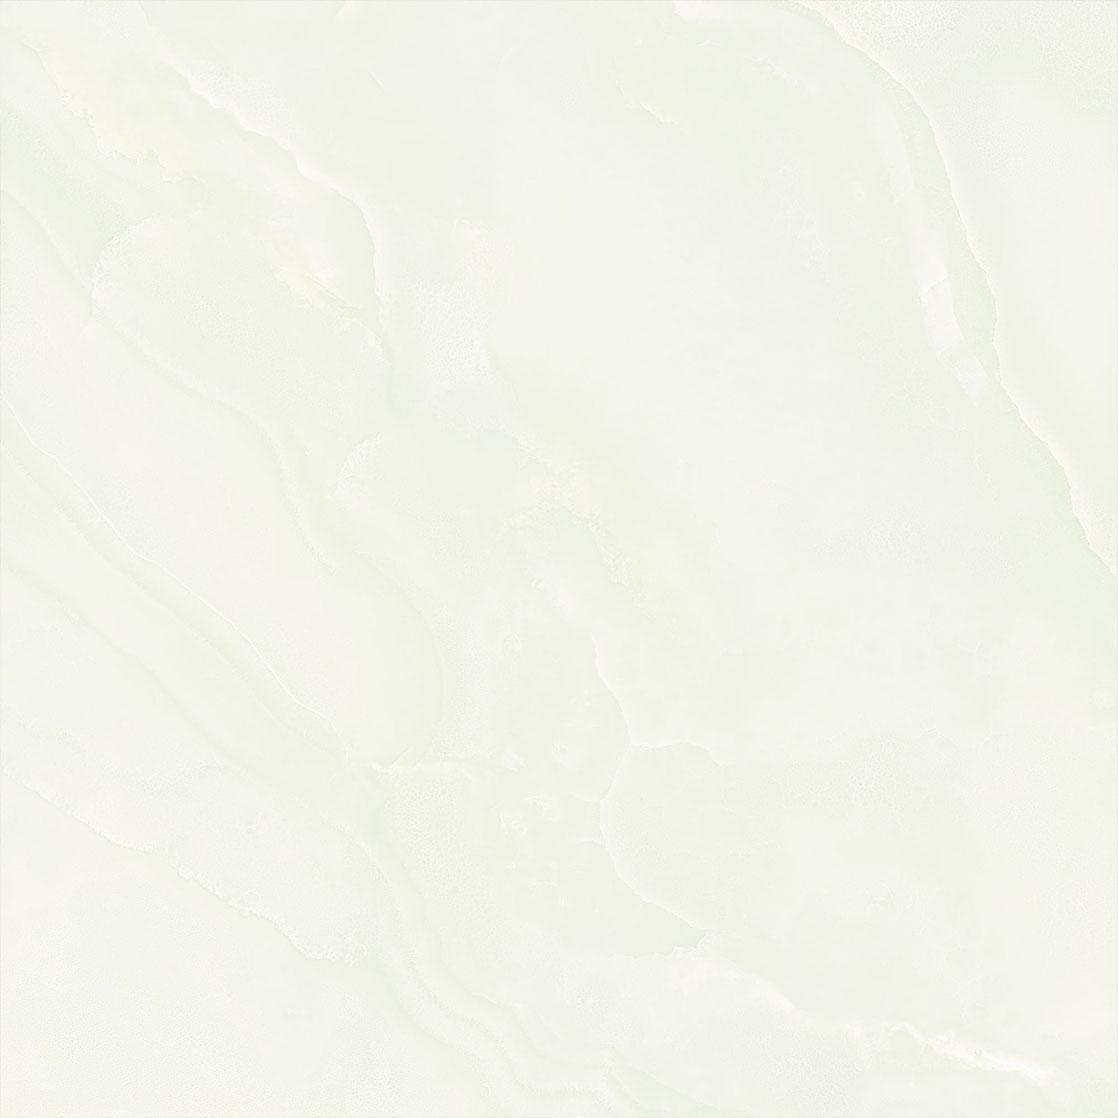 Gạch lát nền 600x600 Viglacera UH B601 giá rẻ